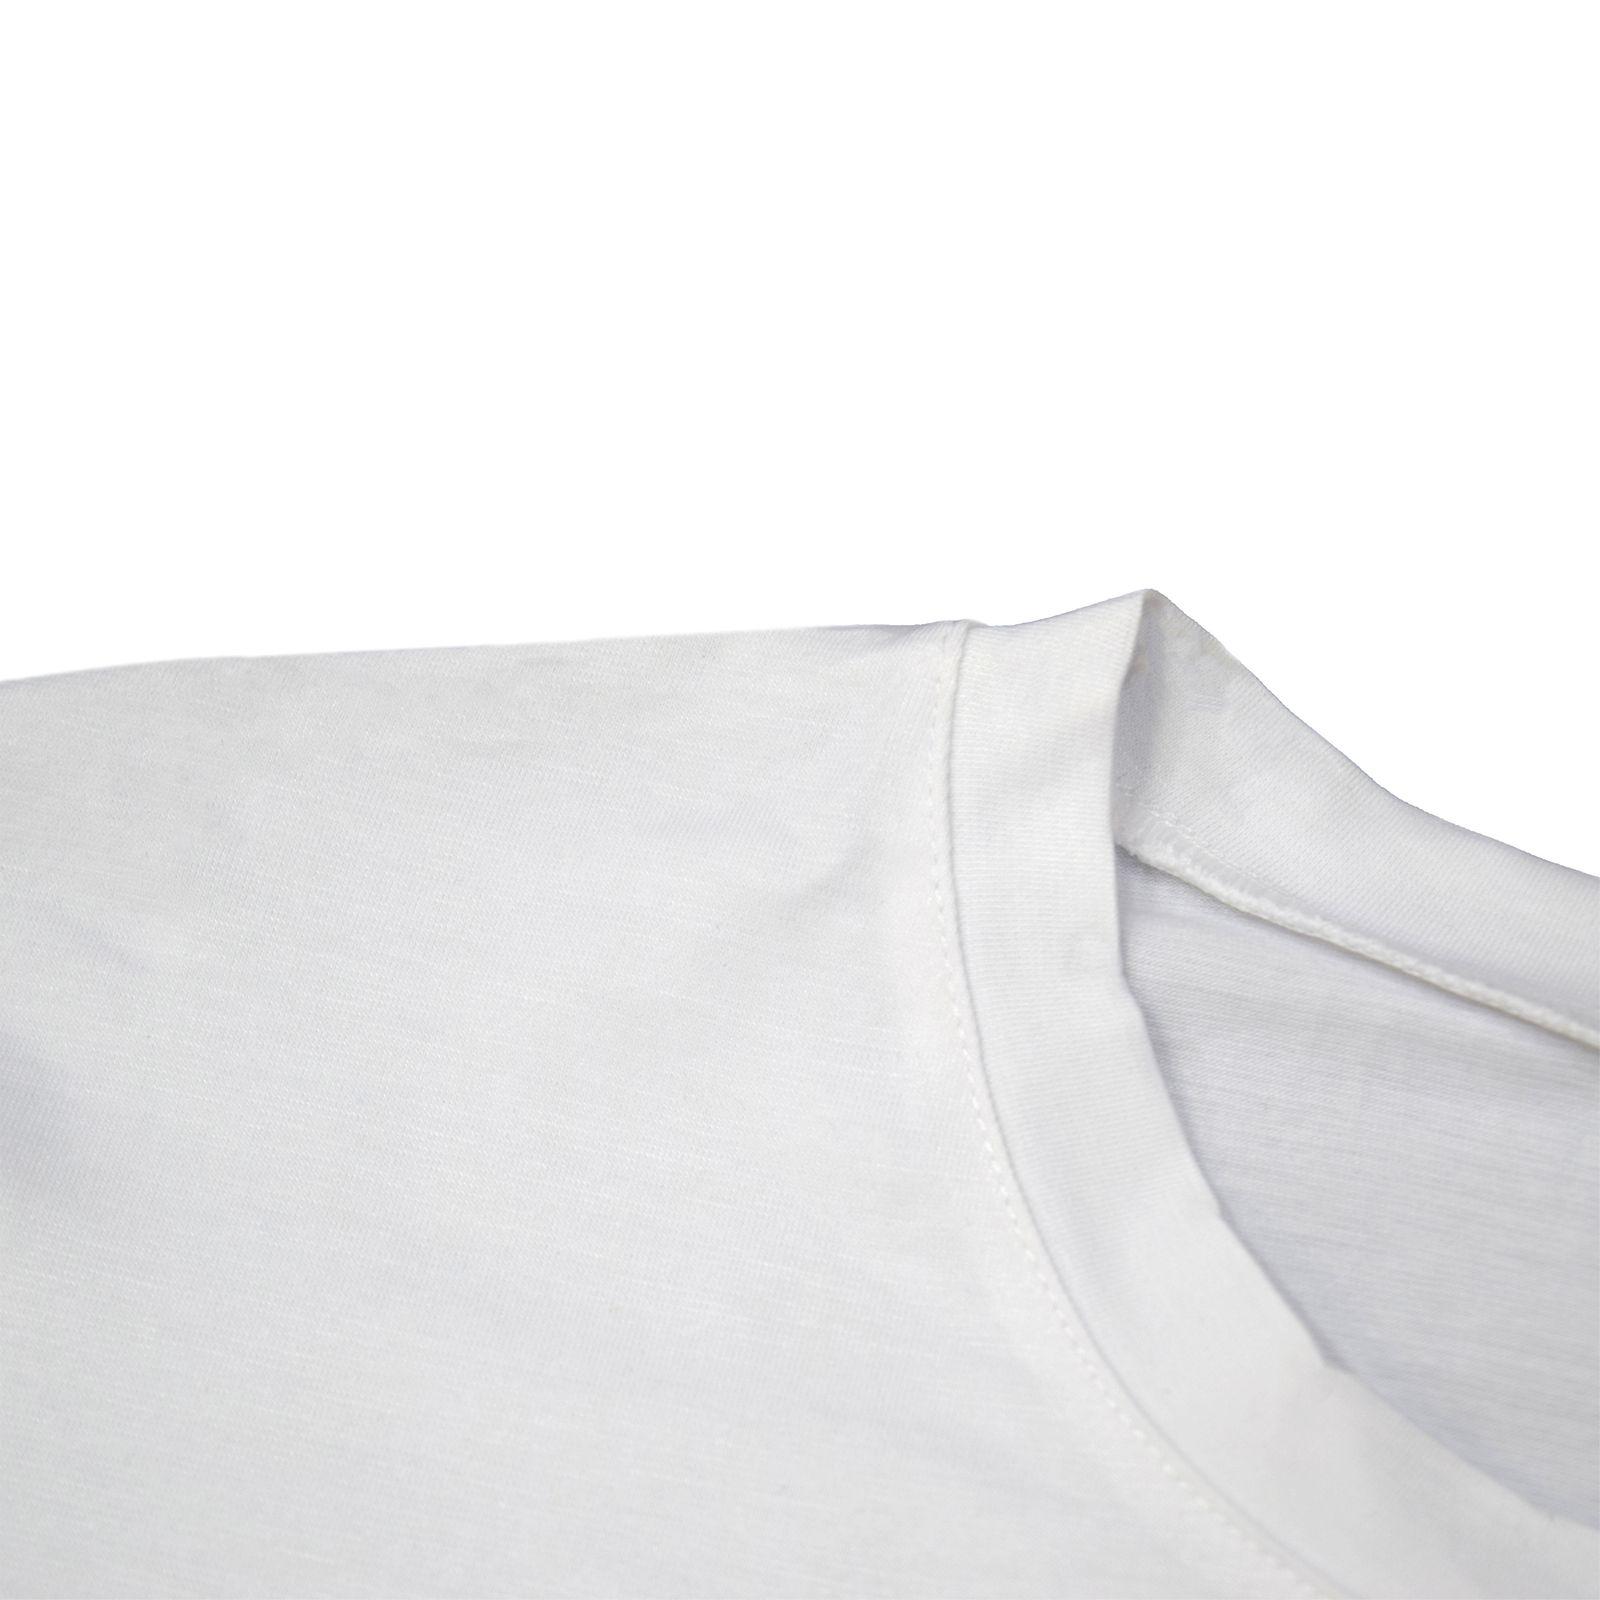 تی شرت آستین کوتاه زنانه طرح فضانورد کد Z377 -  - 4